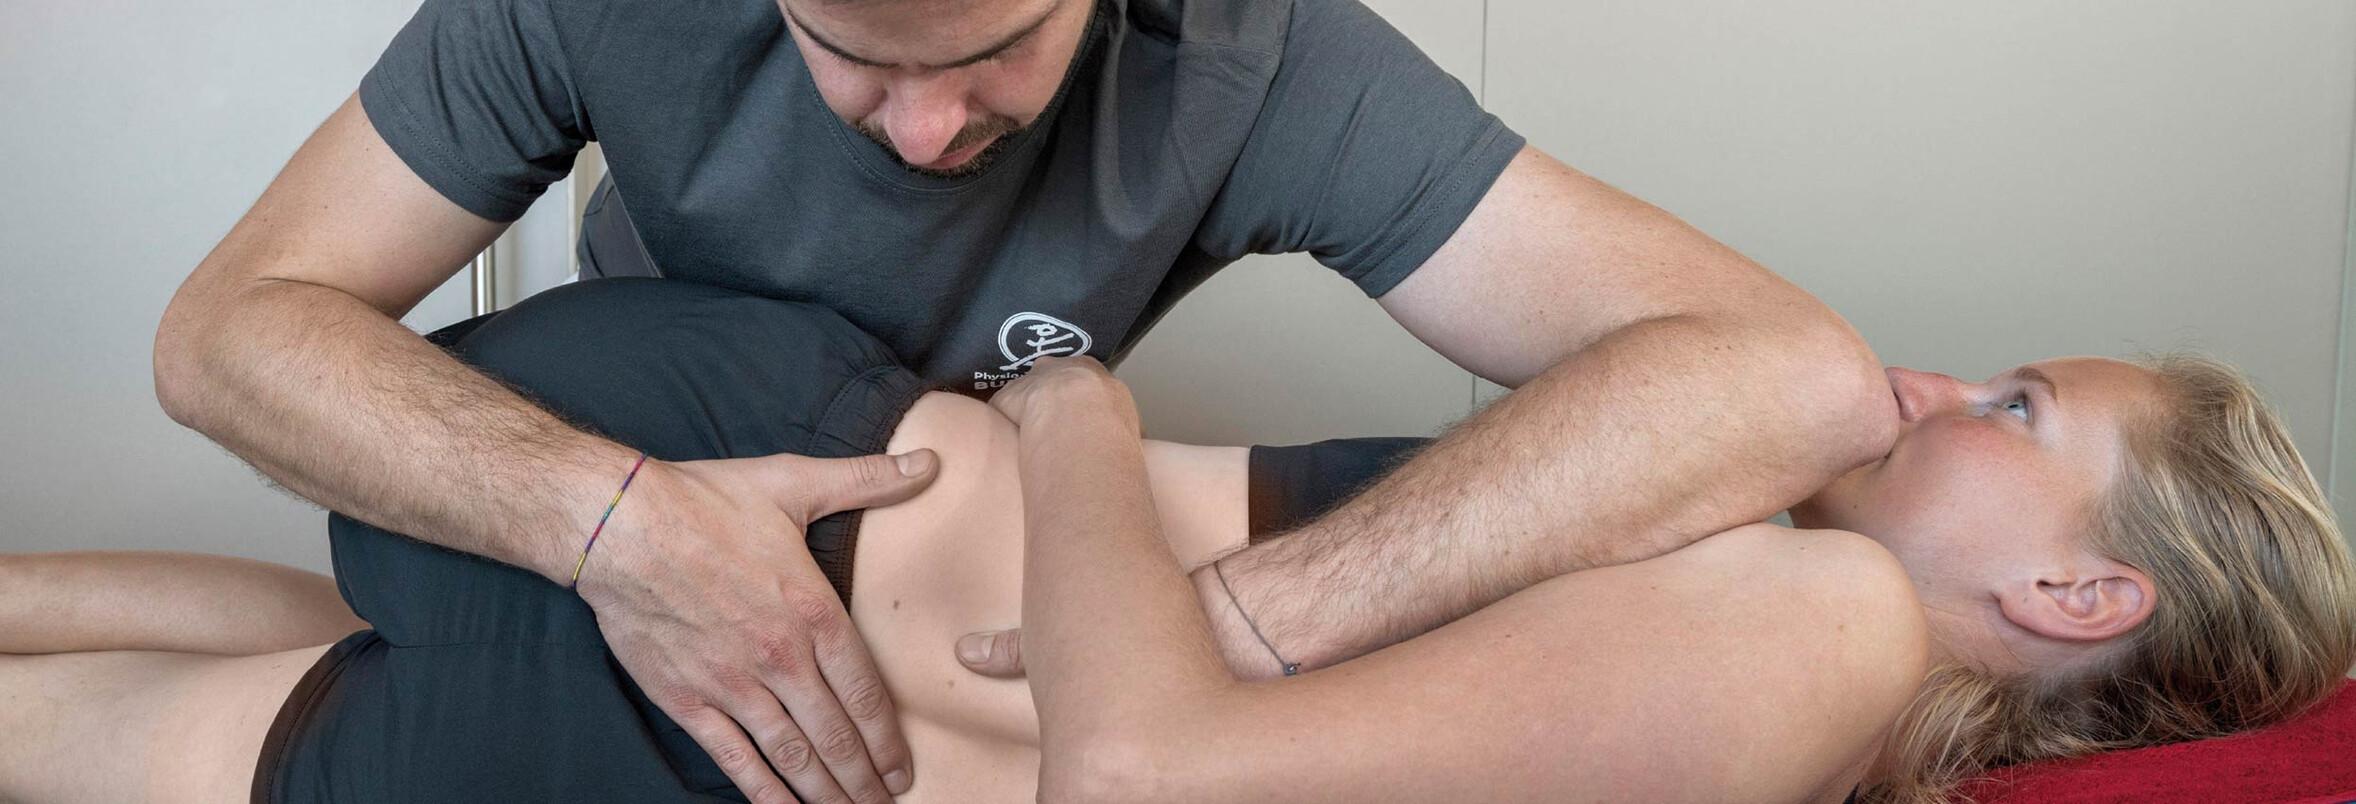 pzi-burtscher-manuelle-therapie